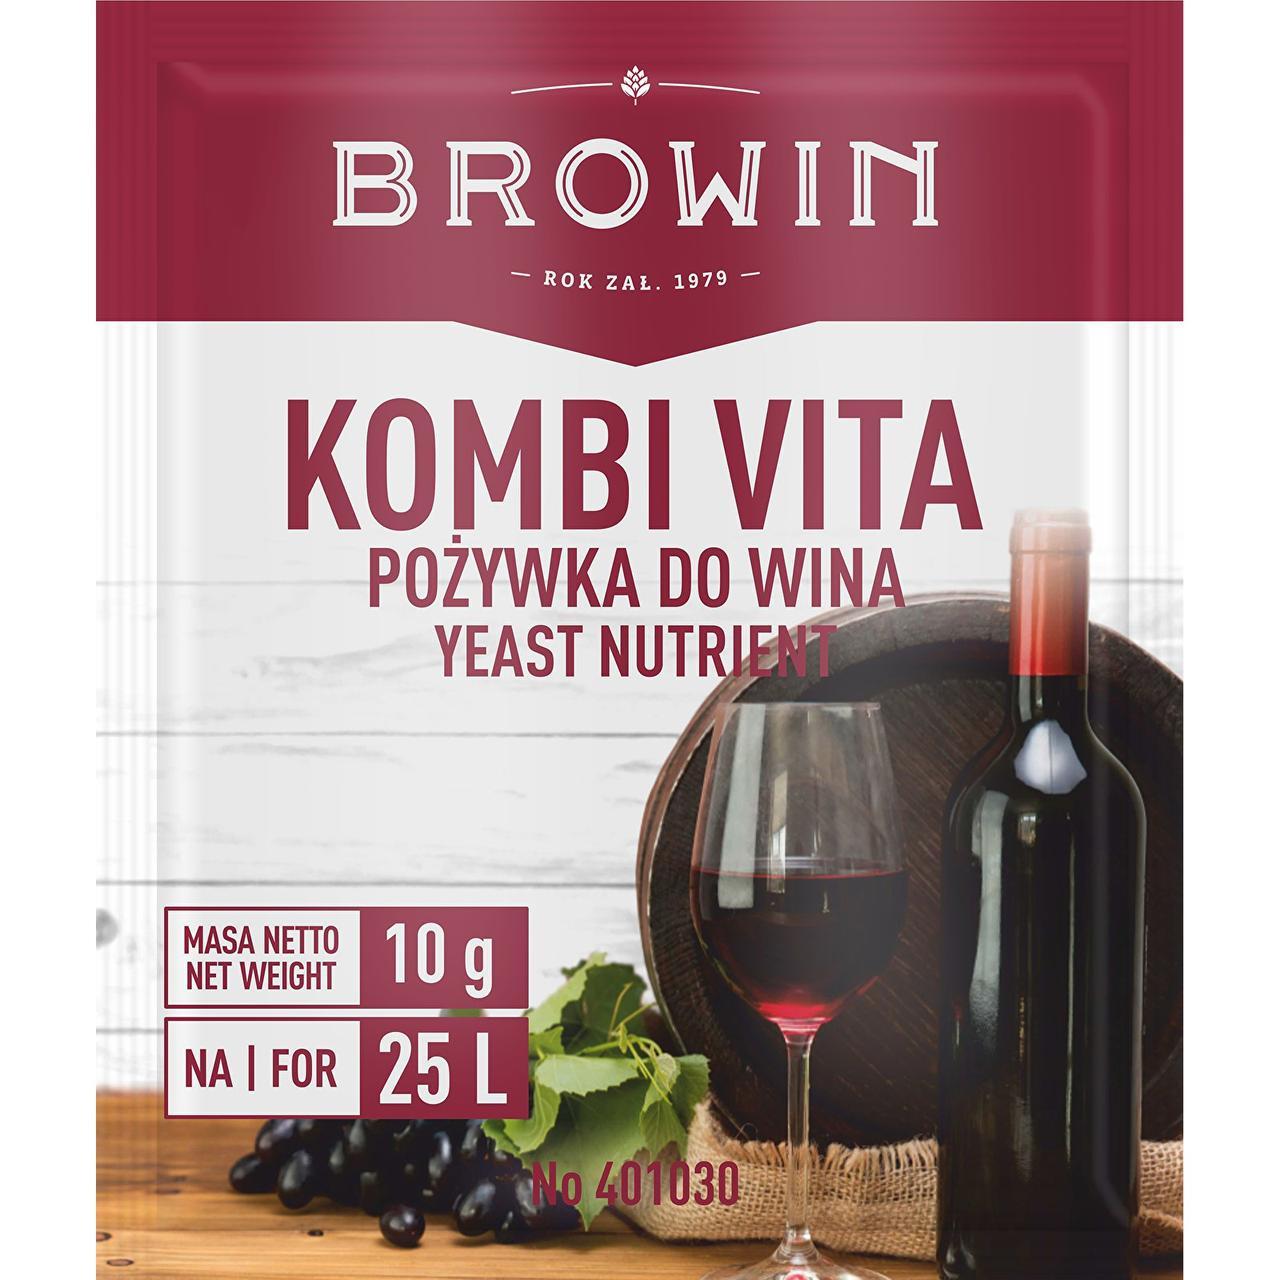 Питательная среда для вина Комби Вита, BROWIN Польша Термін придатності до 01.2021